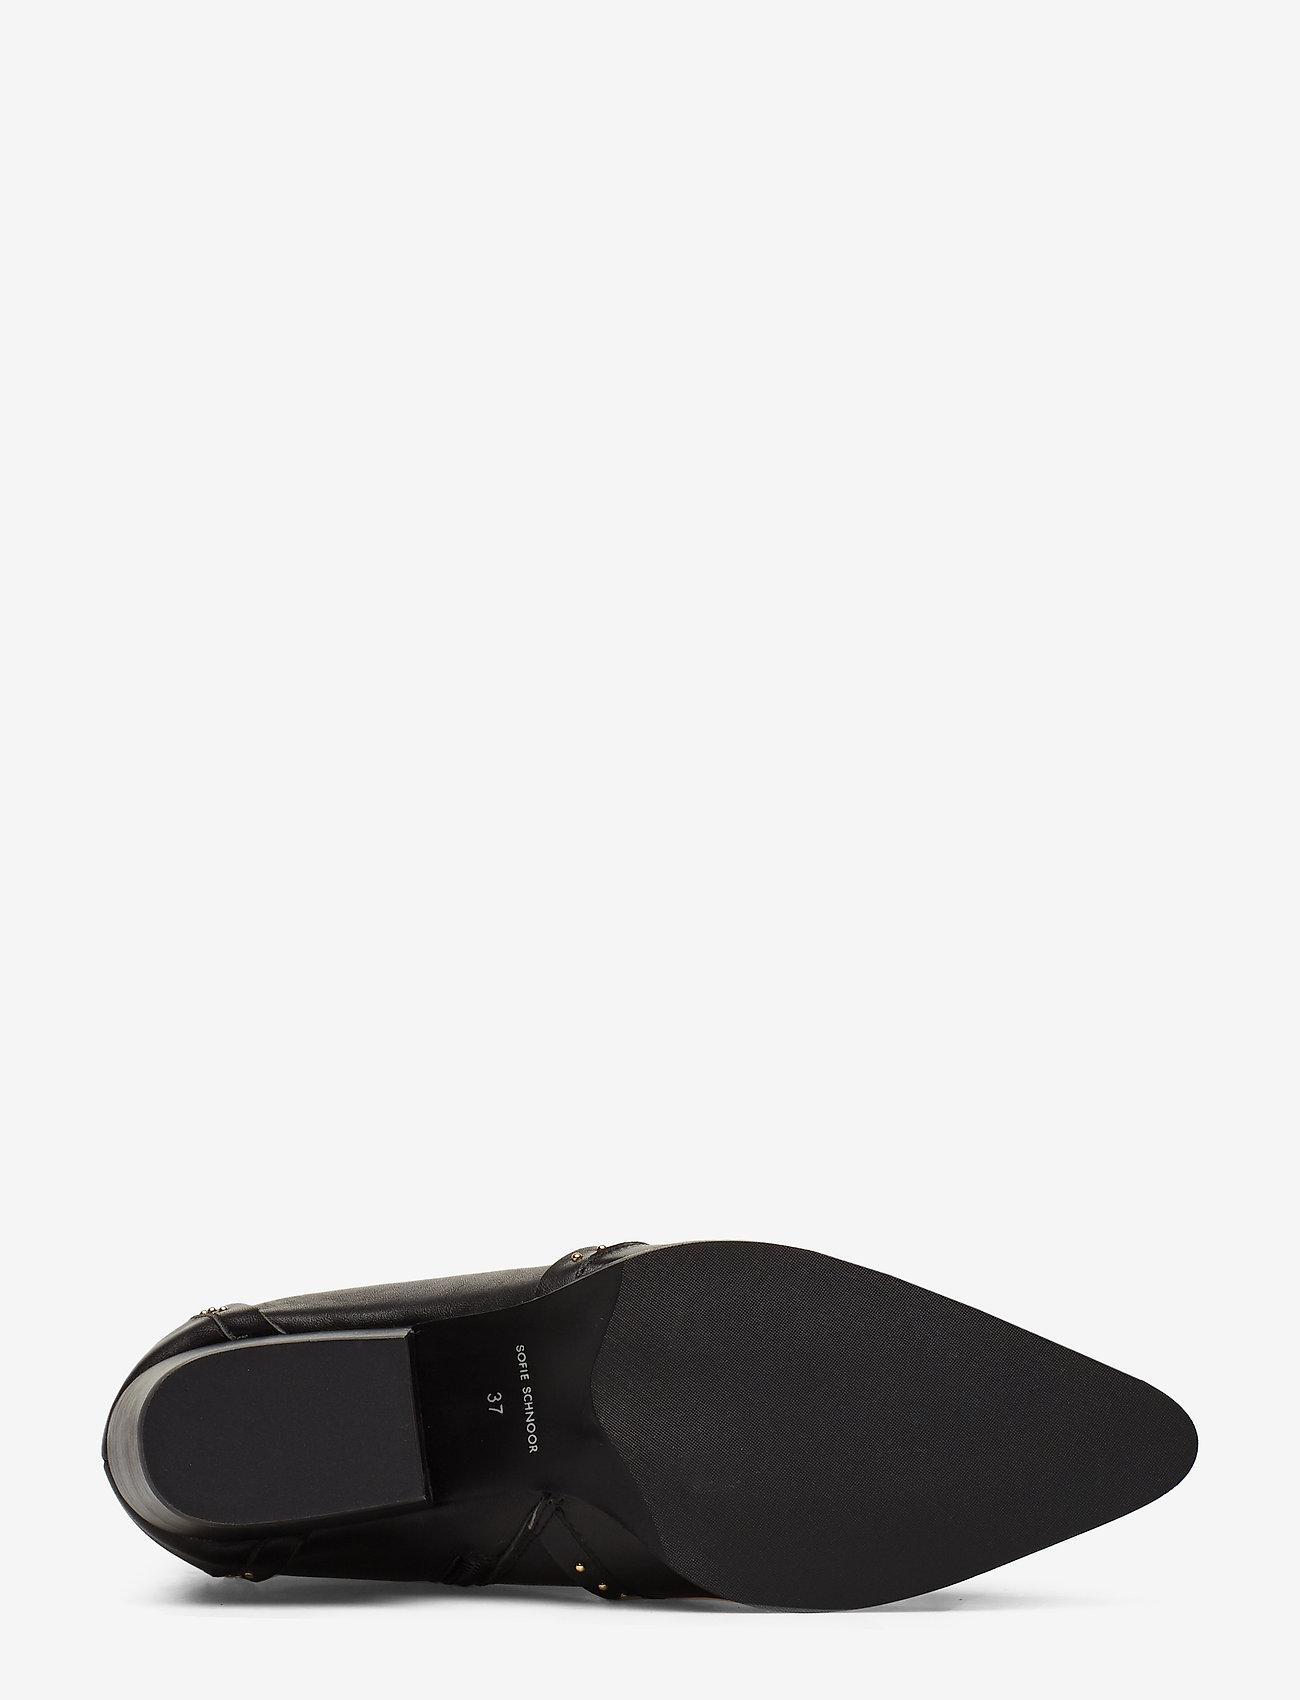 Boot (Black) (899.40 kr) - Sofie Schnoor